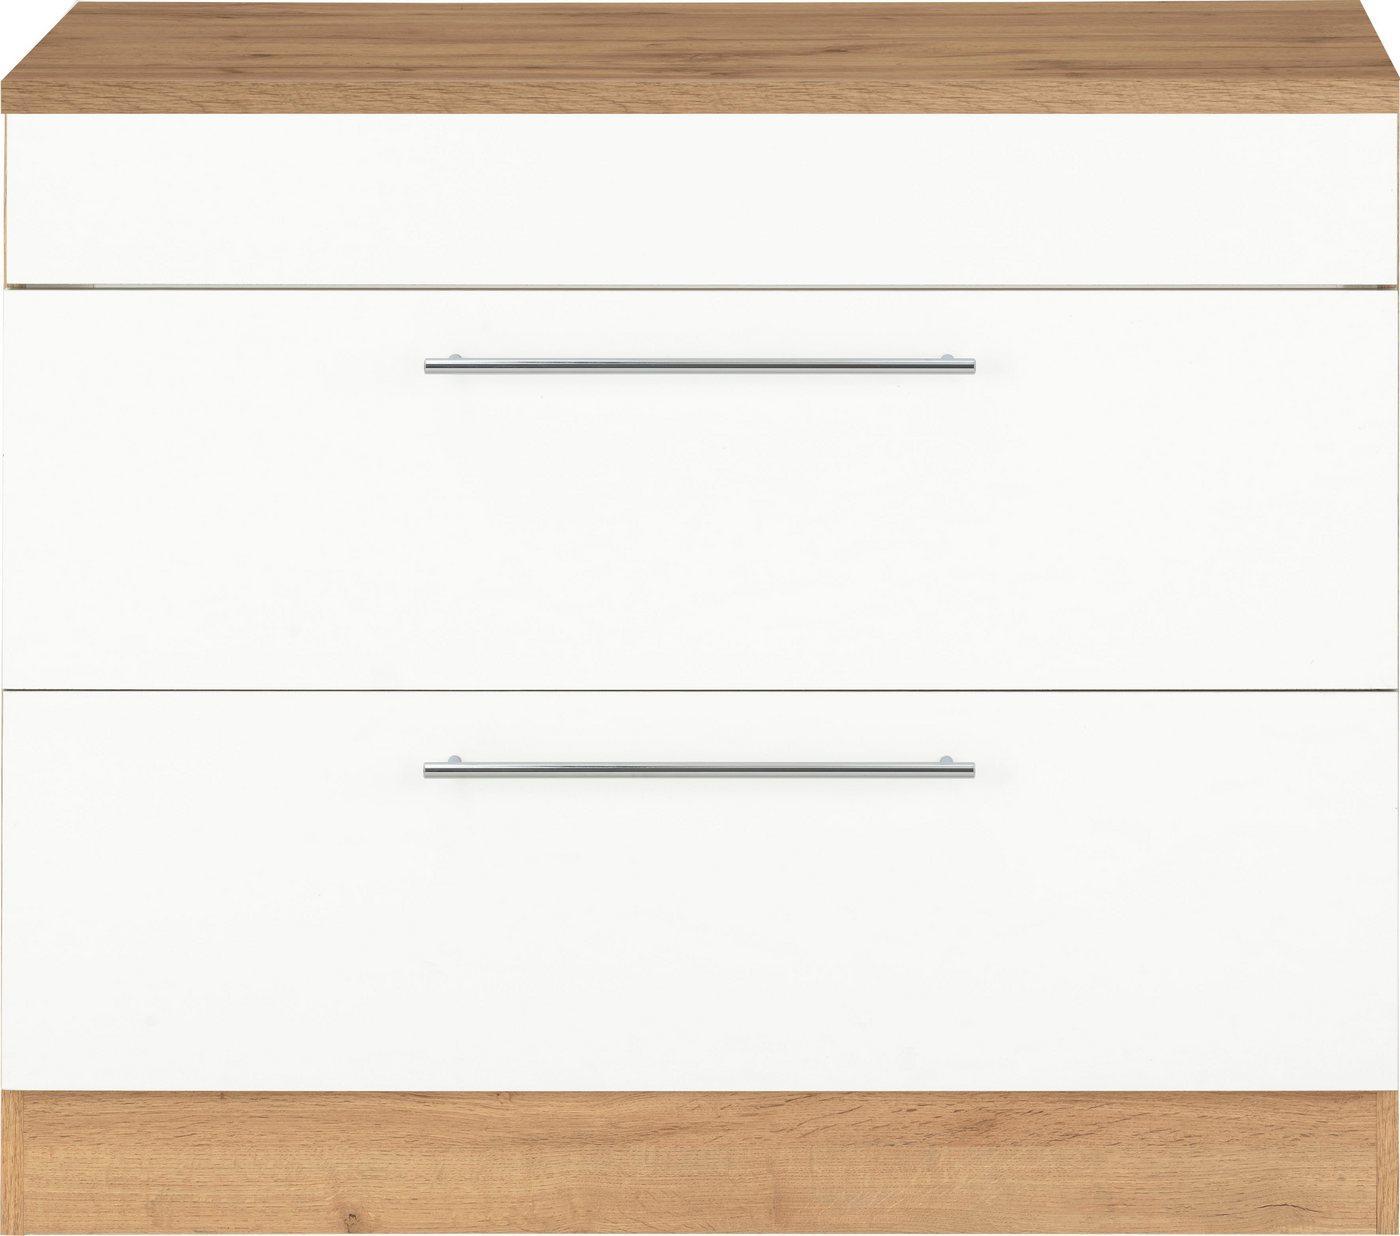 HELD MÖBEL Unterschrank »Wien« 100 cm breit, auch als Kochfeldumbauschrank nutzbar, weiß